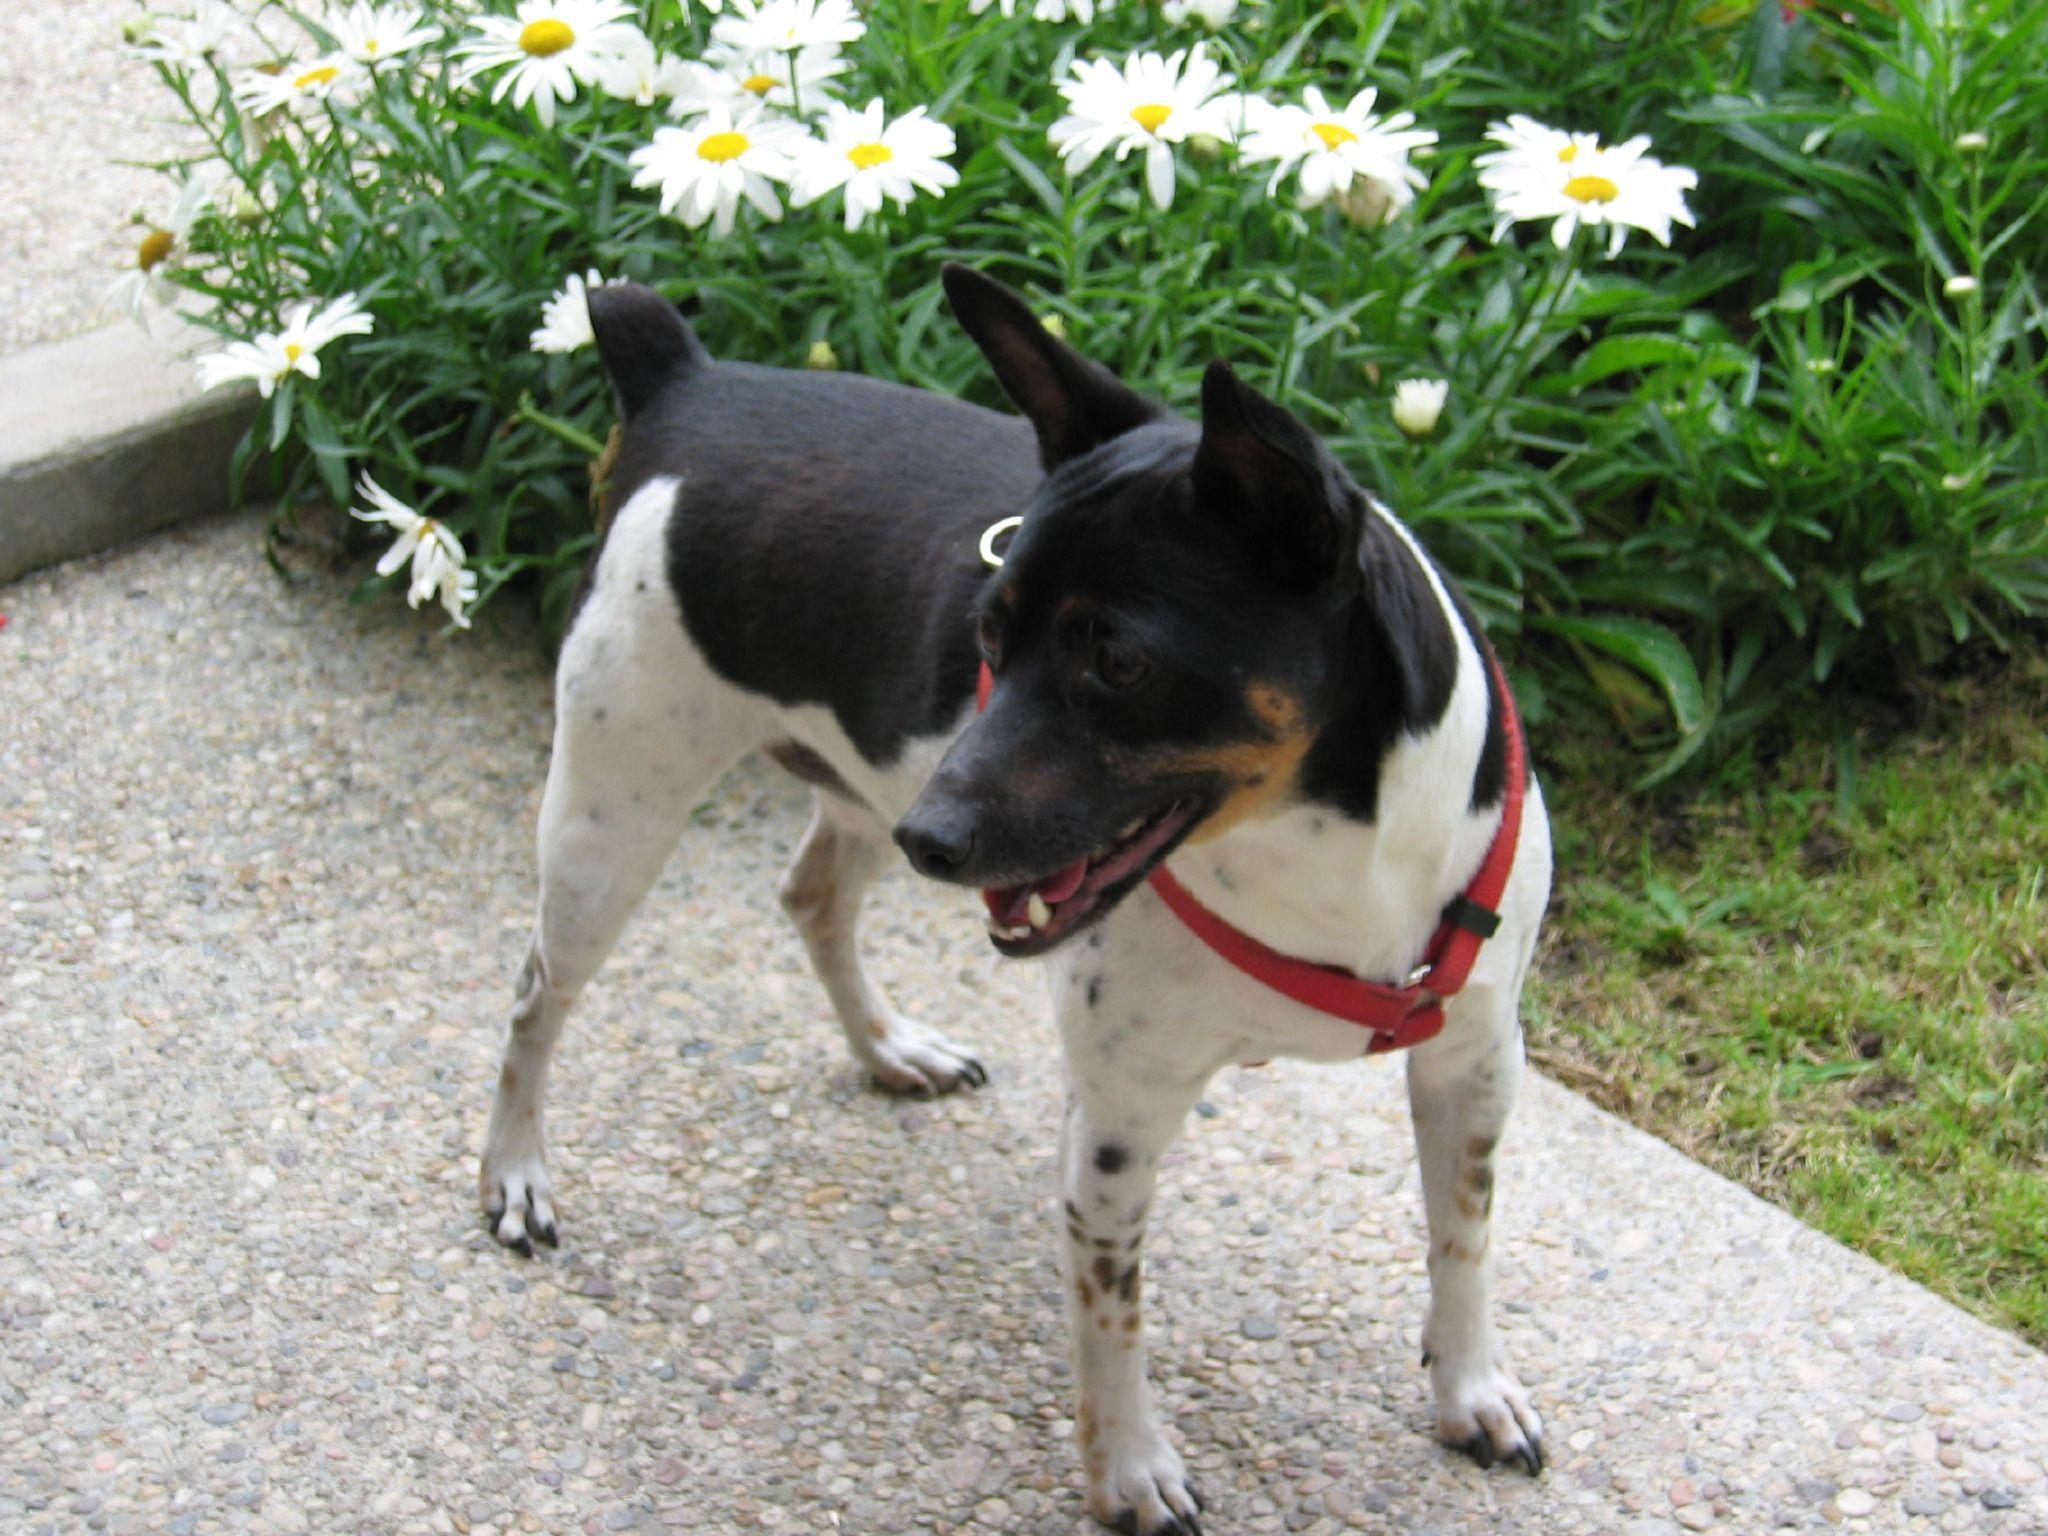 Rat Terrier Information Dog Breeds At Dogthelove